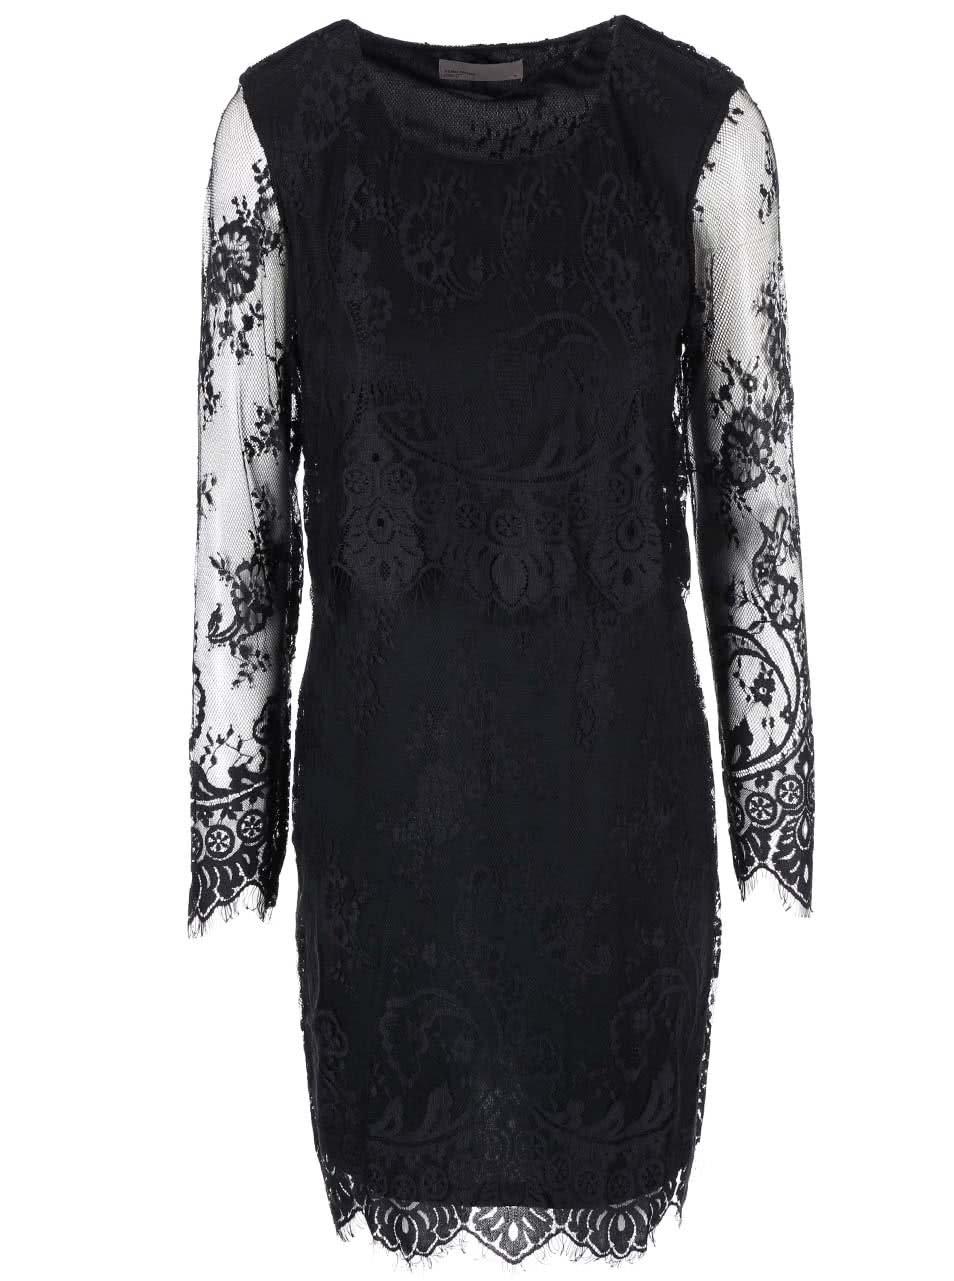 Černé šaty s krajkou Vero Moda Nathalie